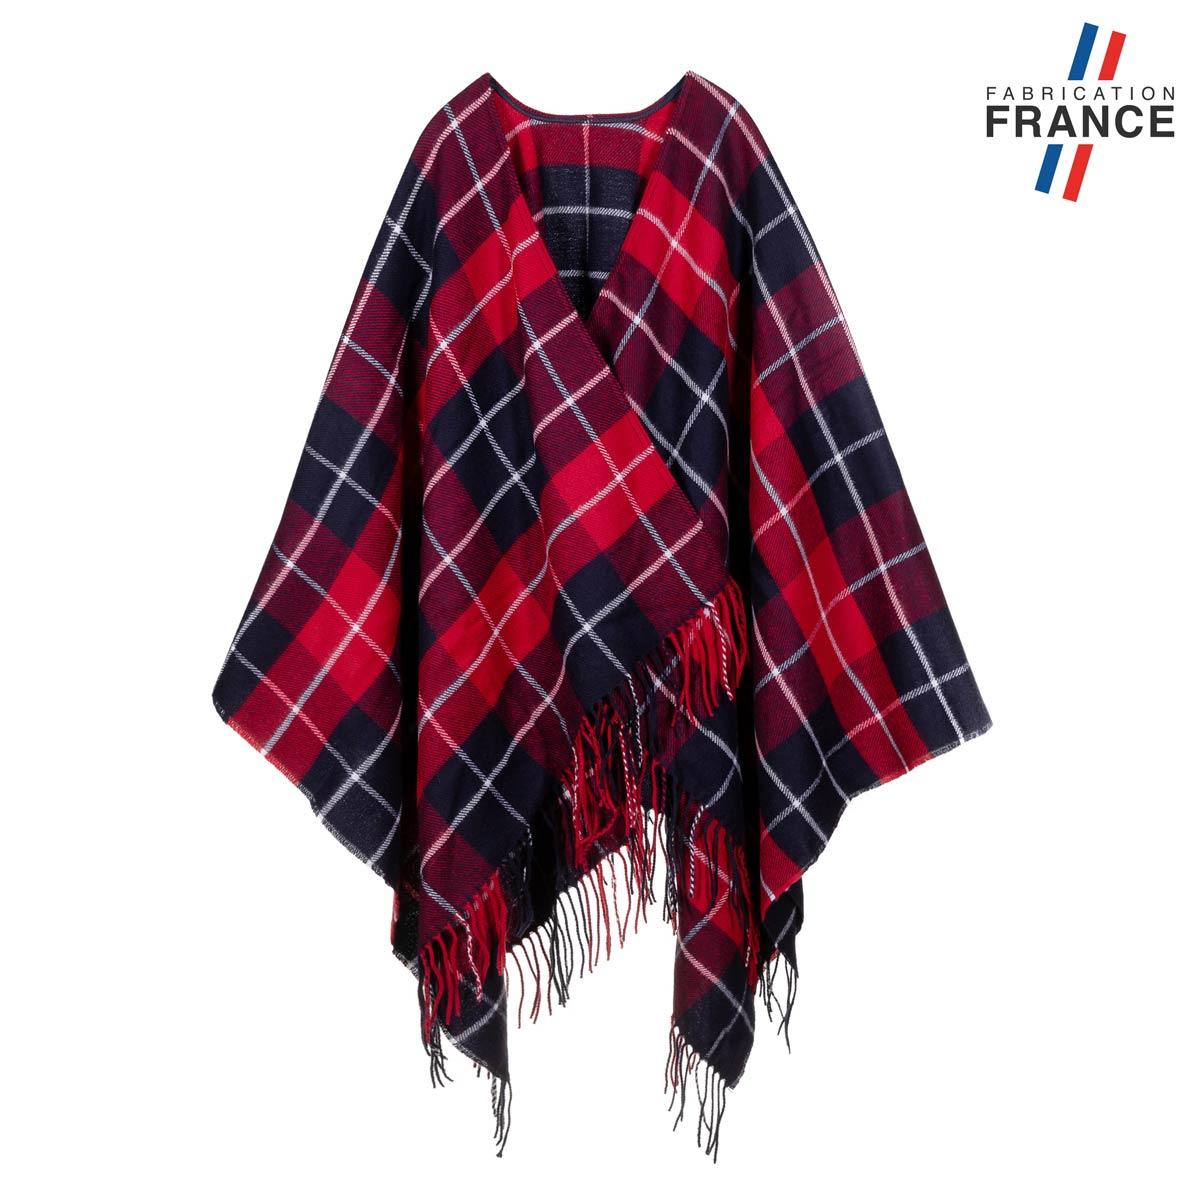 AT-06140-F12-LB_FR-poncho-femme-tartan-rouge-fabrique-en-france